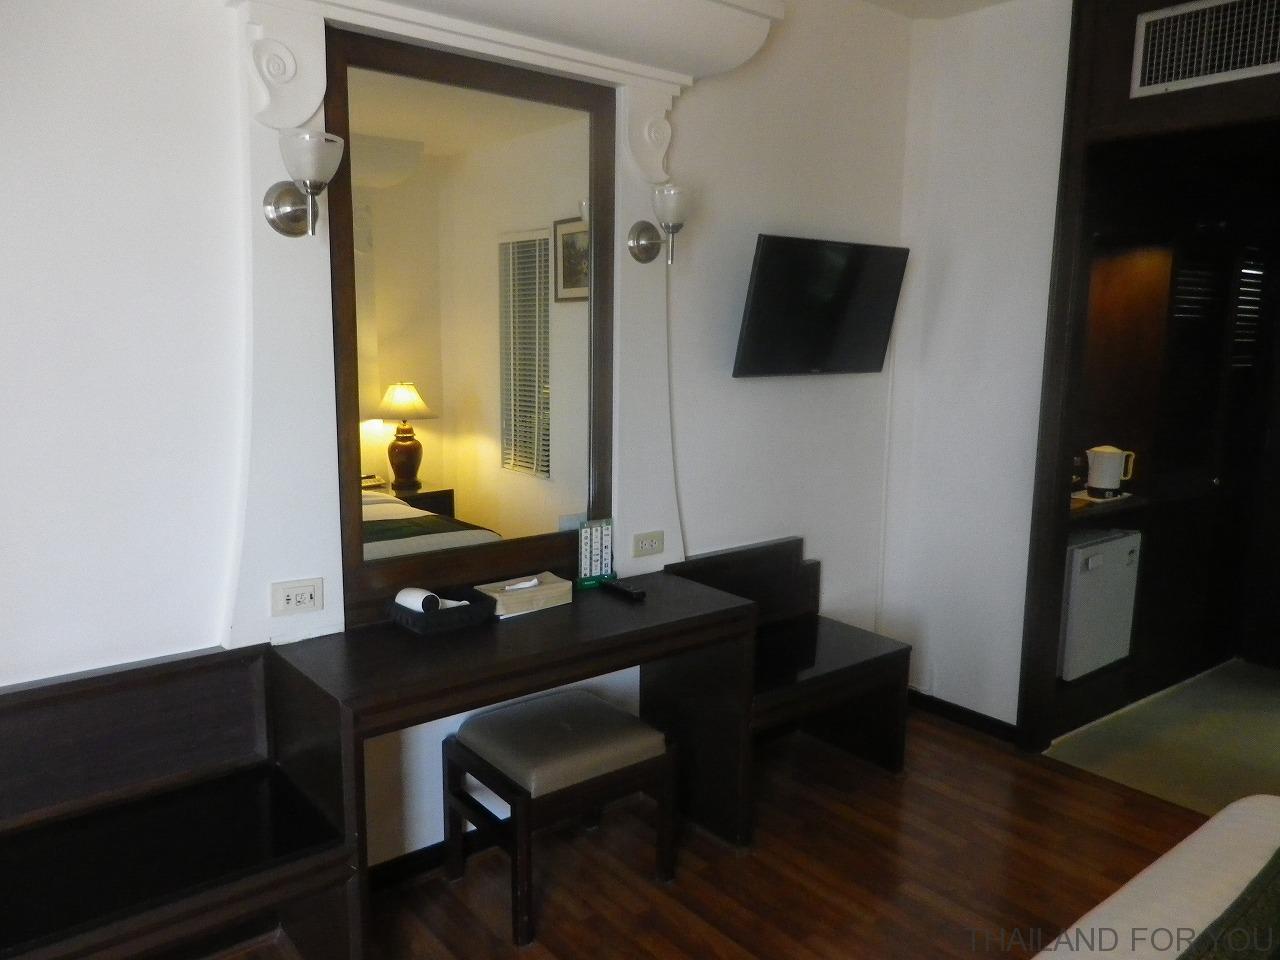 ワィアン イン ホテル (Wiang Inn Hotel) 部屋 写真